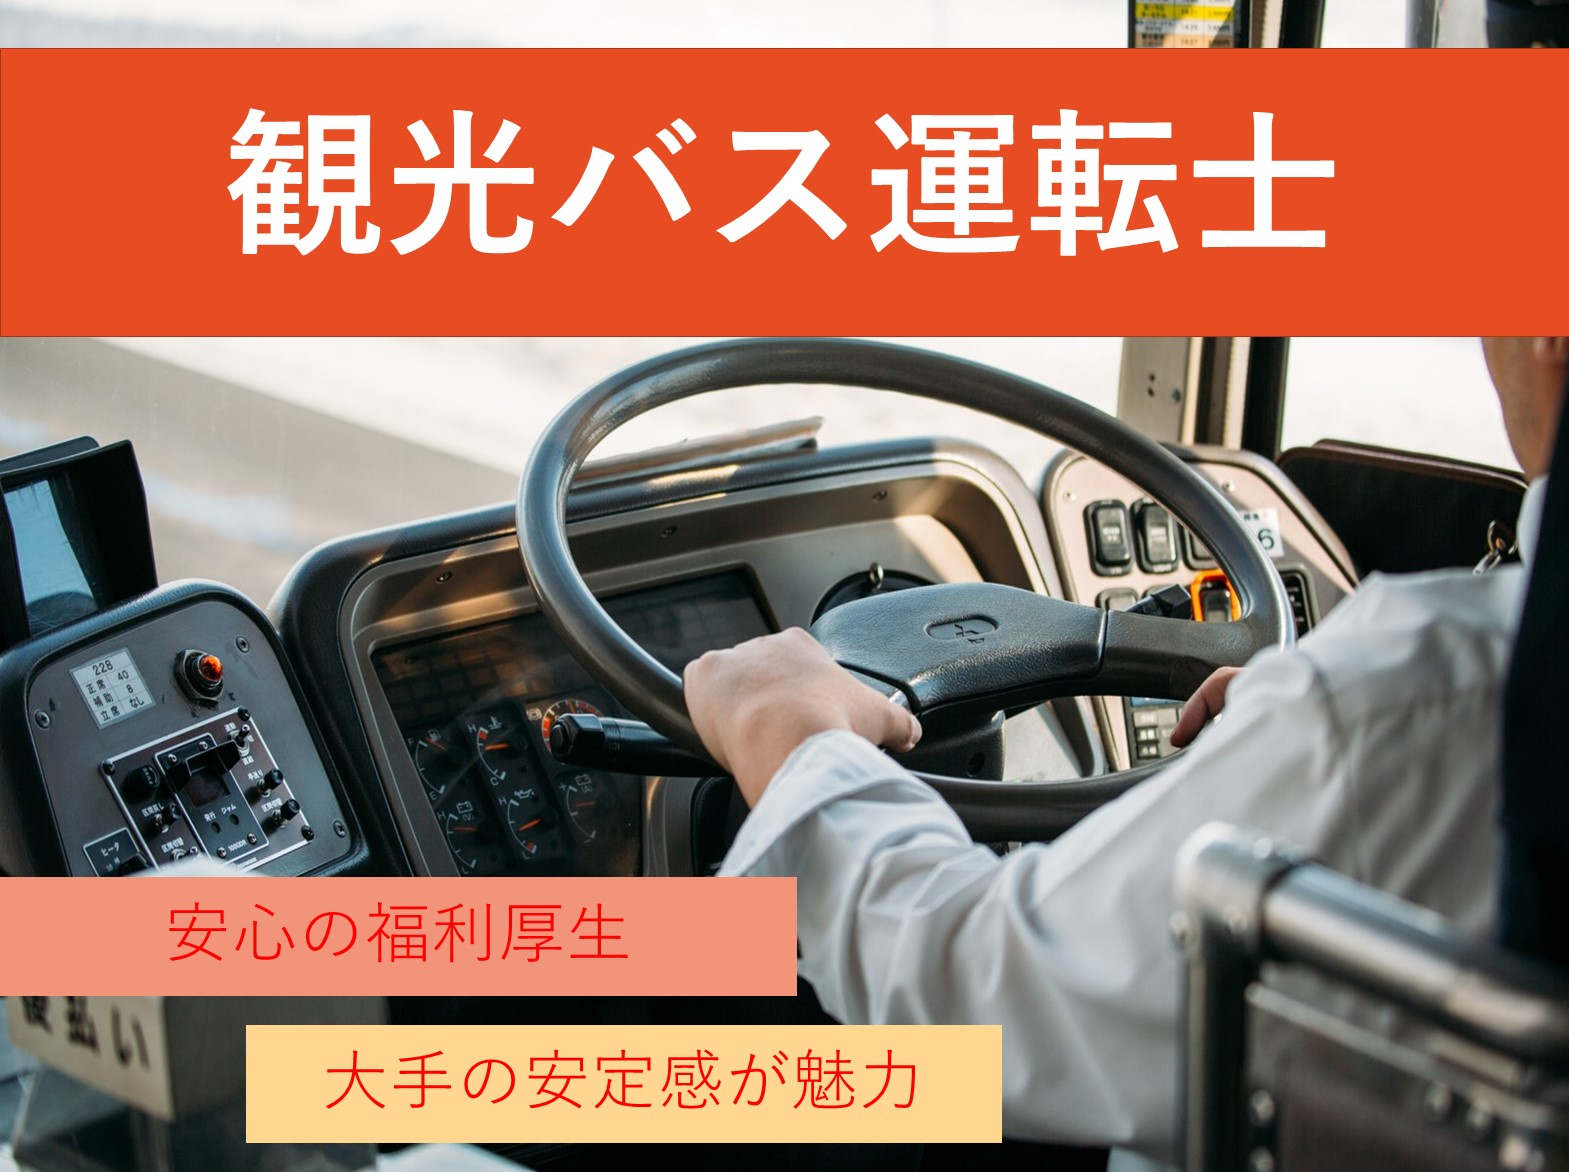 急募【正社員】未経験OK!大手の安定感が魅力です♪観光バス運転士 イメージ